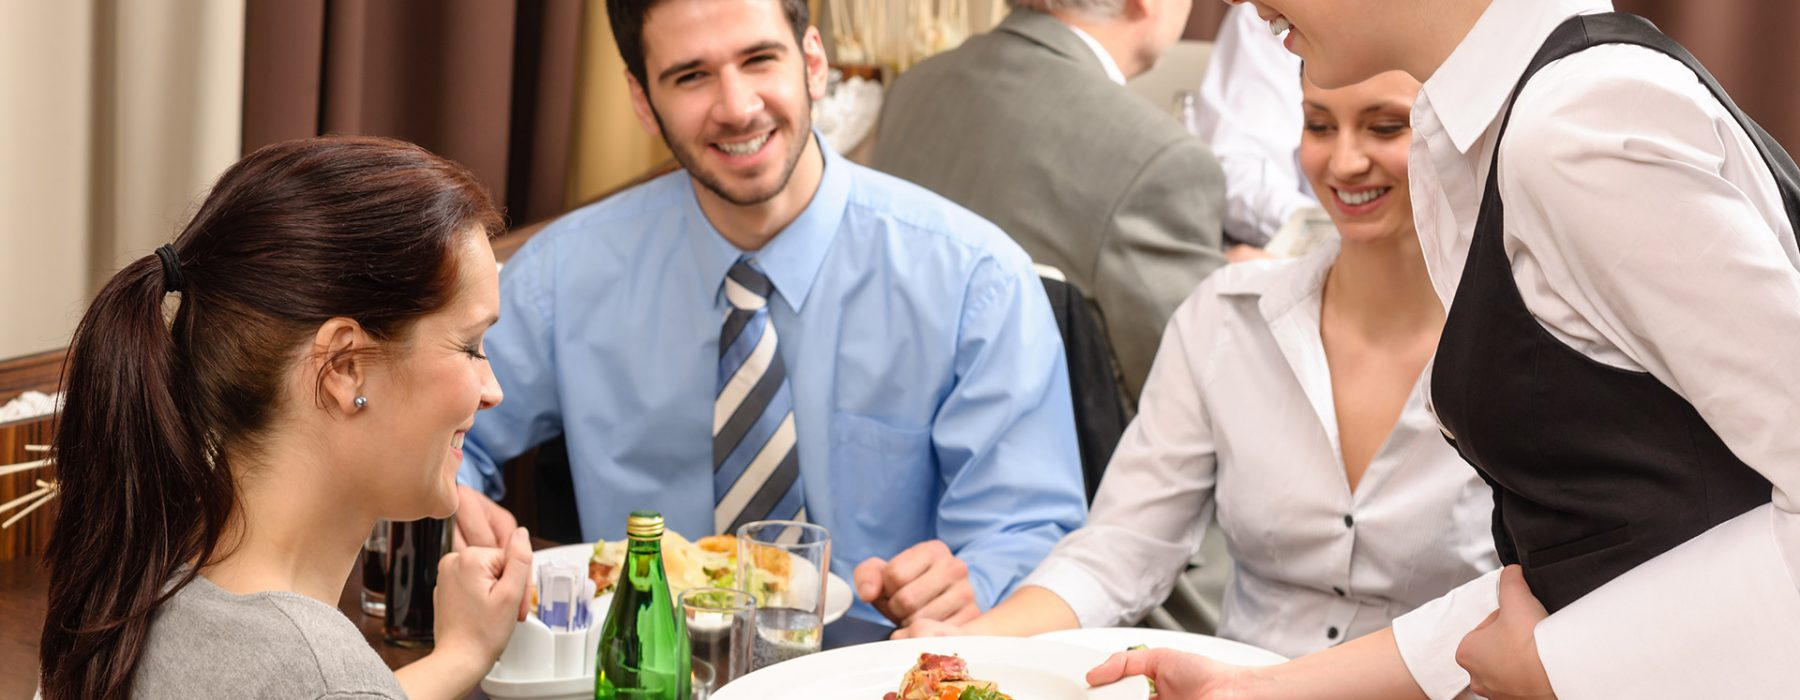 Comer sano y fuera de casa es compatible